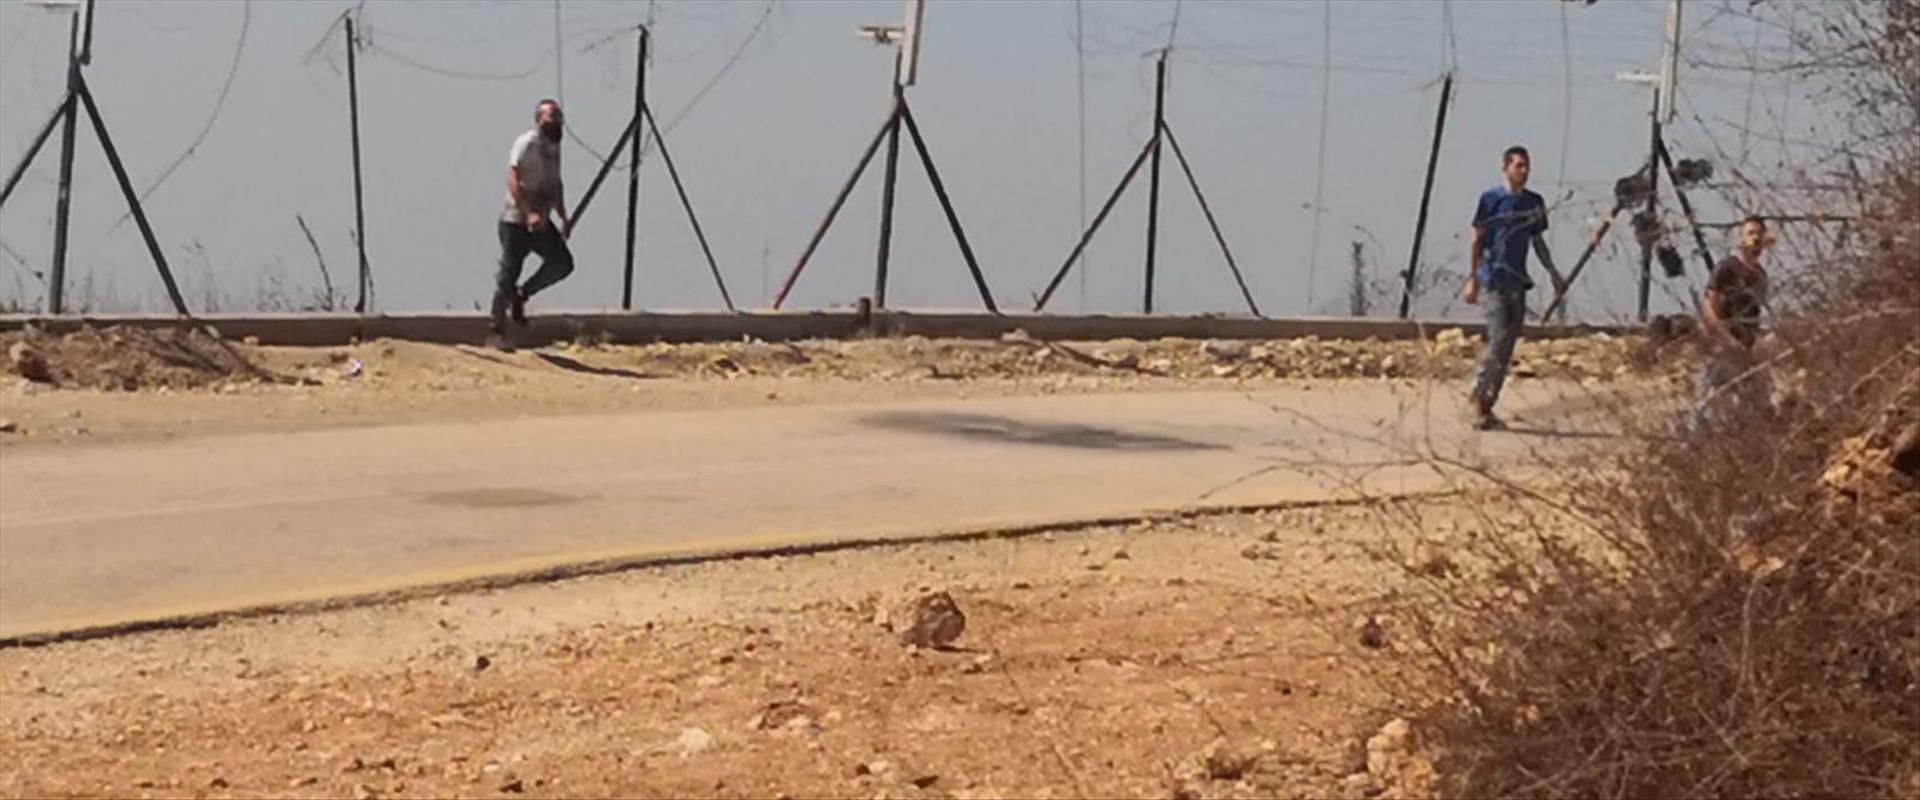 פלסטינים עוברים דרך פרצה בגדר הביטחון